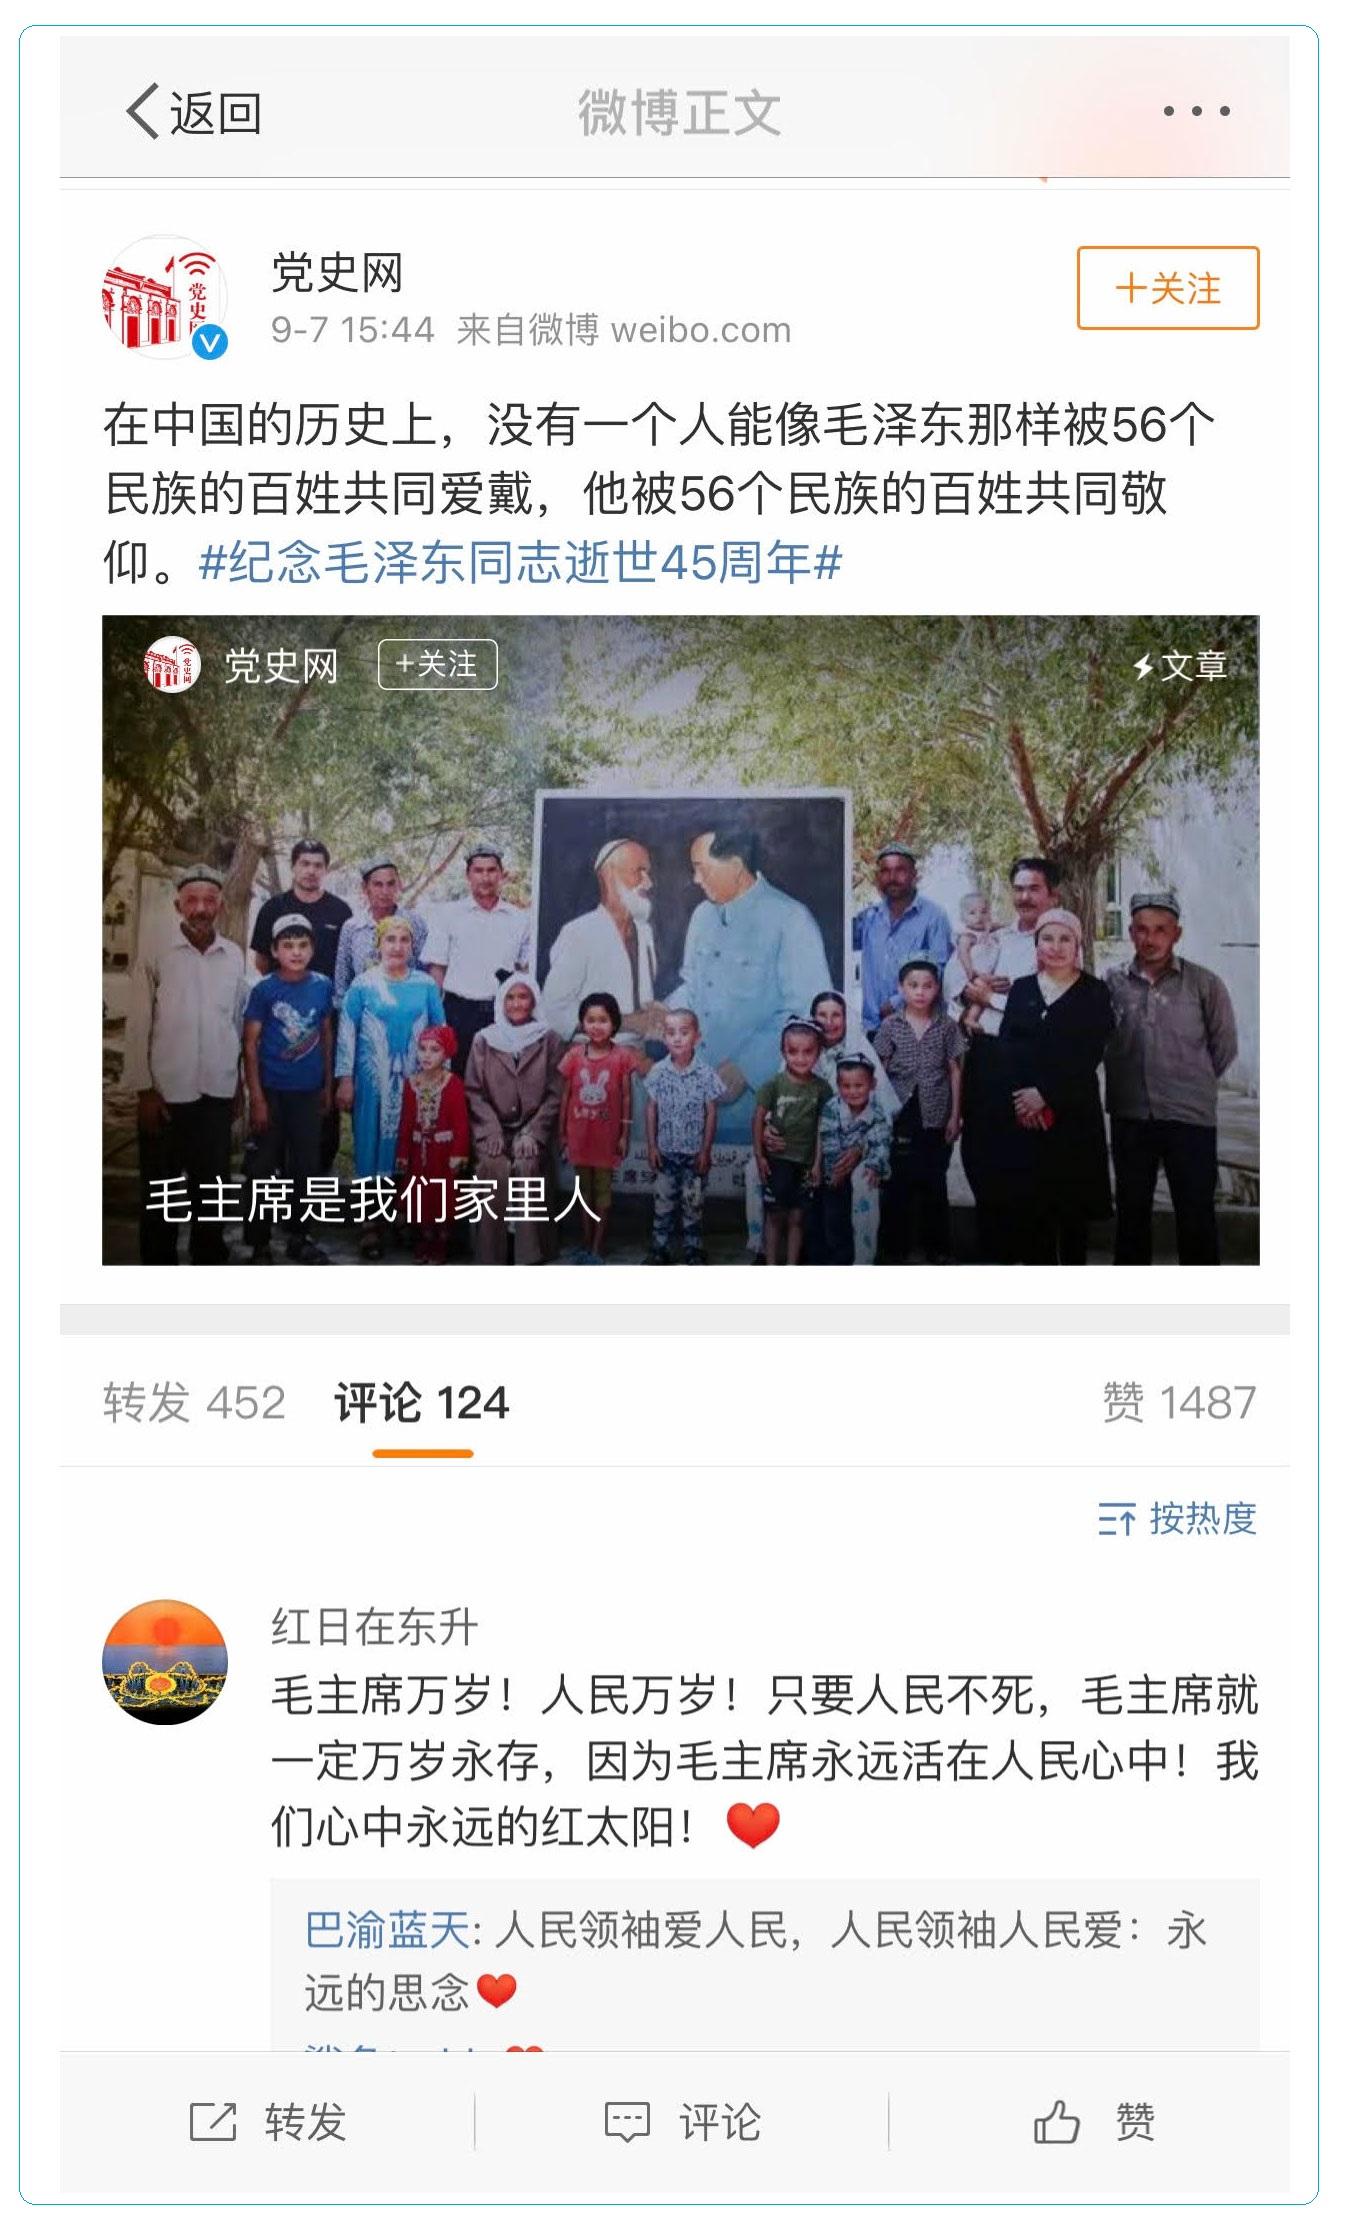 毛泽东逝世45周年  毛粉纪念官媒沉默